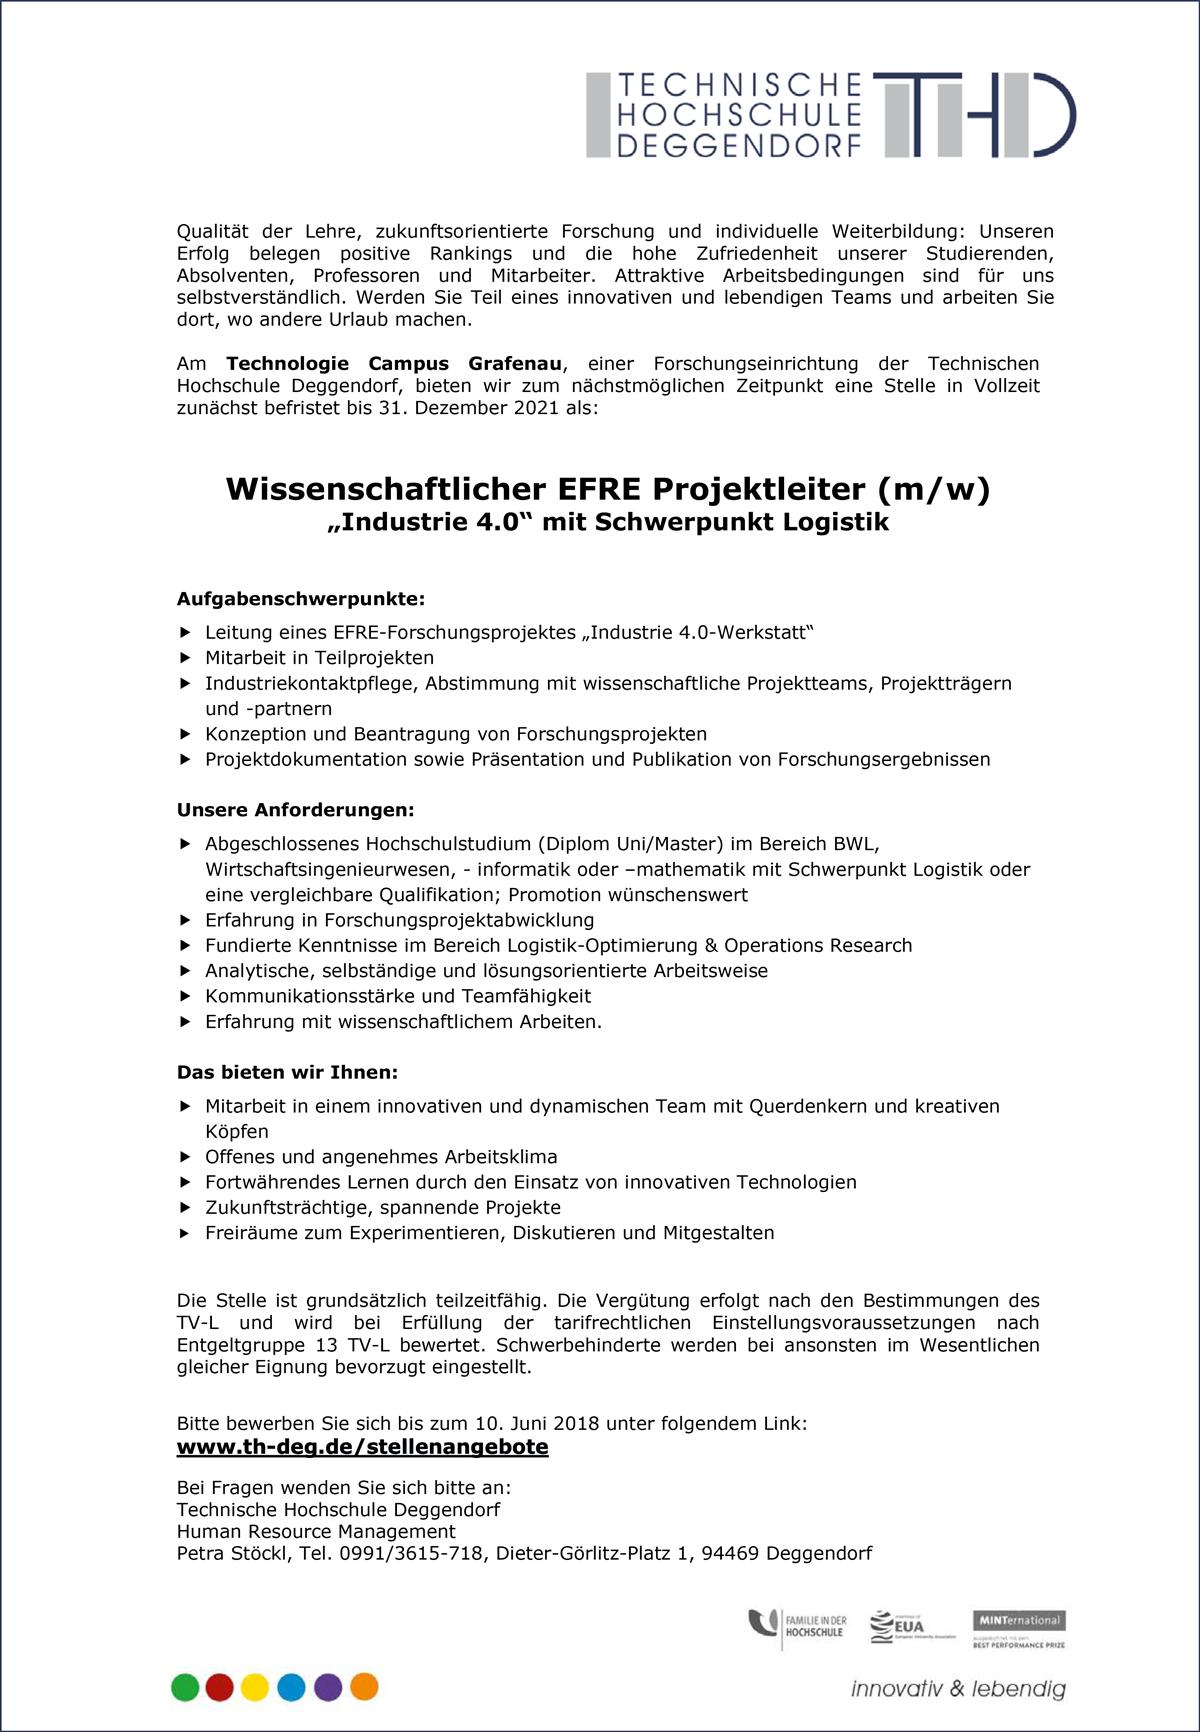 Wissenschaftlicher EFRE Projektleiter m/w/d  Industrie 4.0, Schwerpunkt Logistik  am Technologie Campus Grafenau - THD-Technische Hochschule Deggendorf - in Deggendorf - stellenecho.de